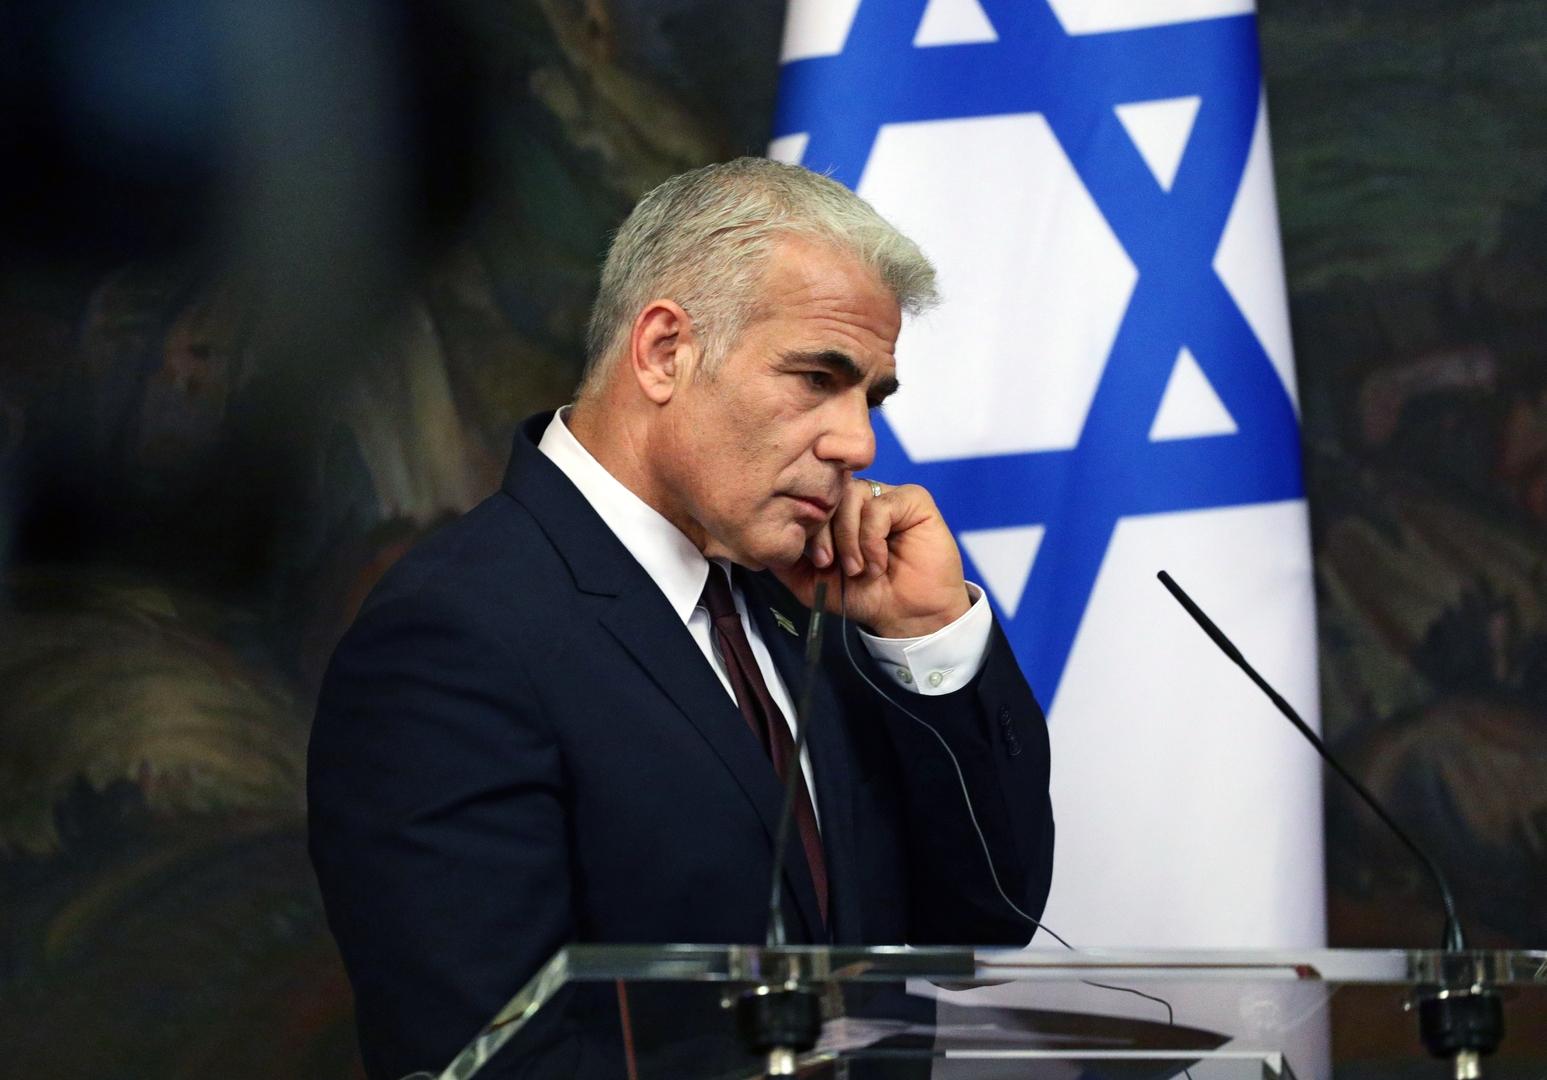 إسرائيل: إيران على وشك امتلاك ترسانة نووية ودول إقليمية أخرى قلقة من ذلك